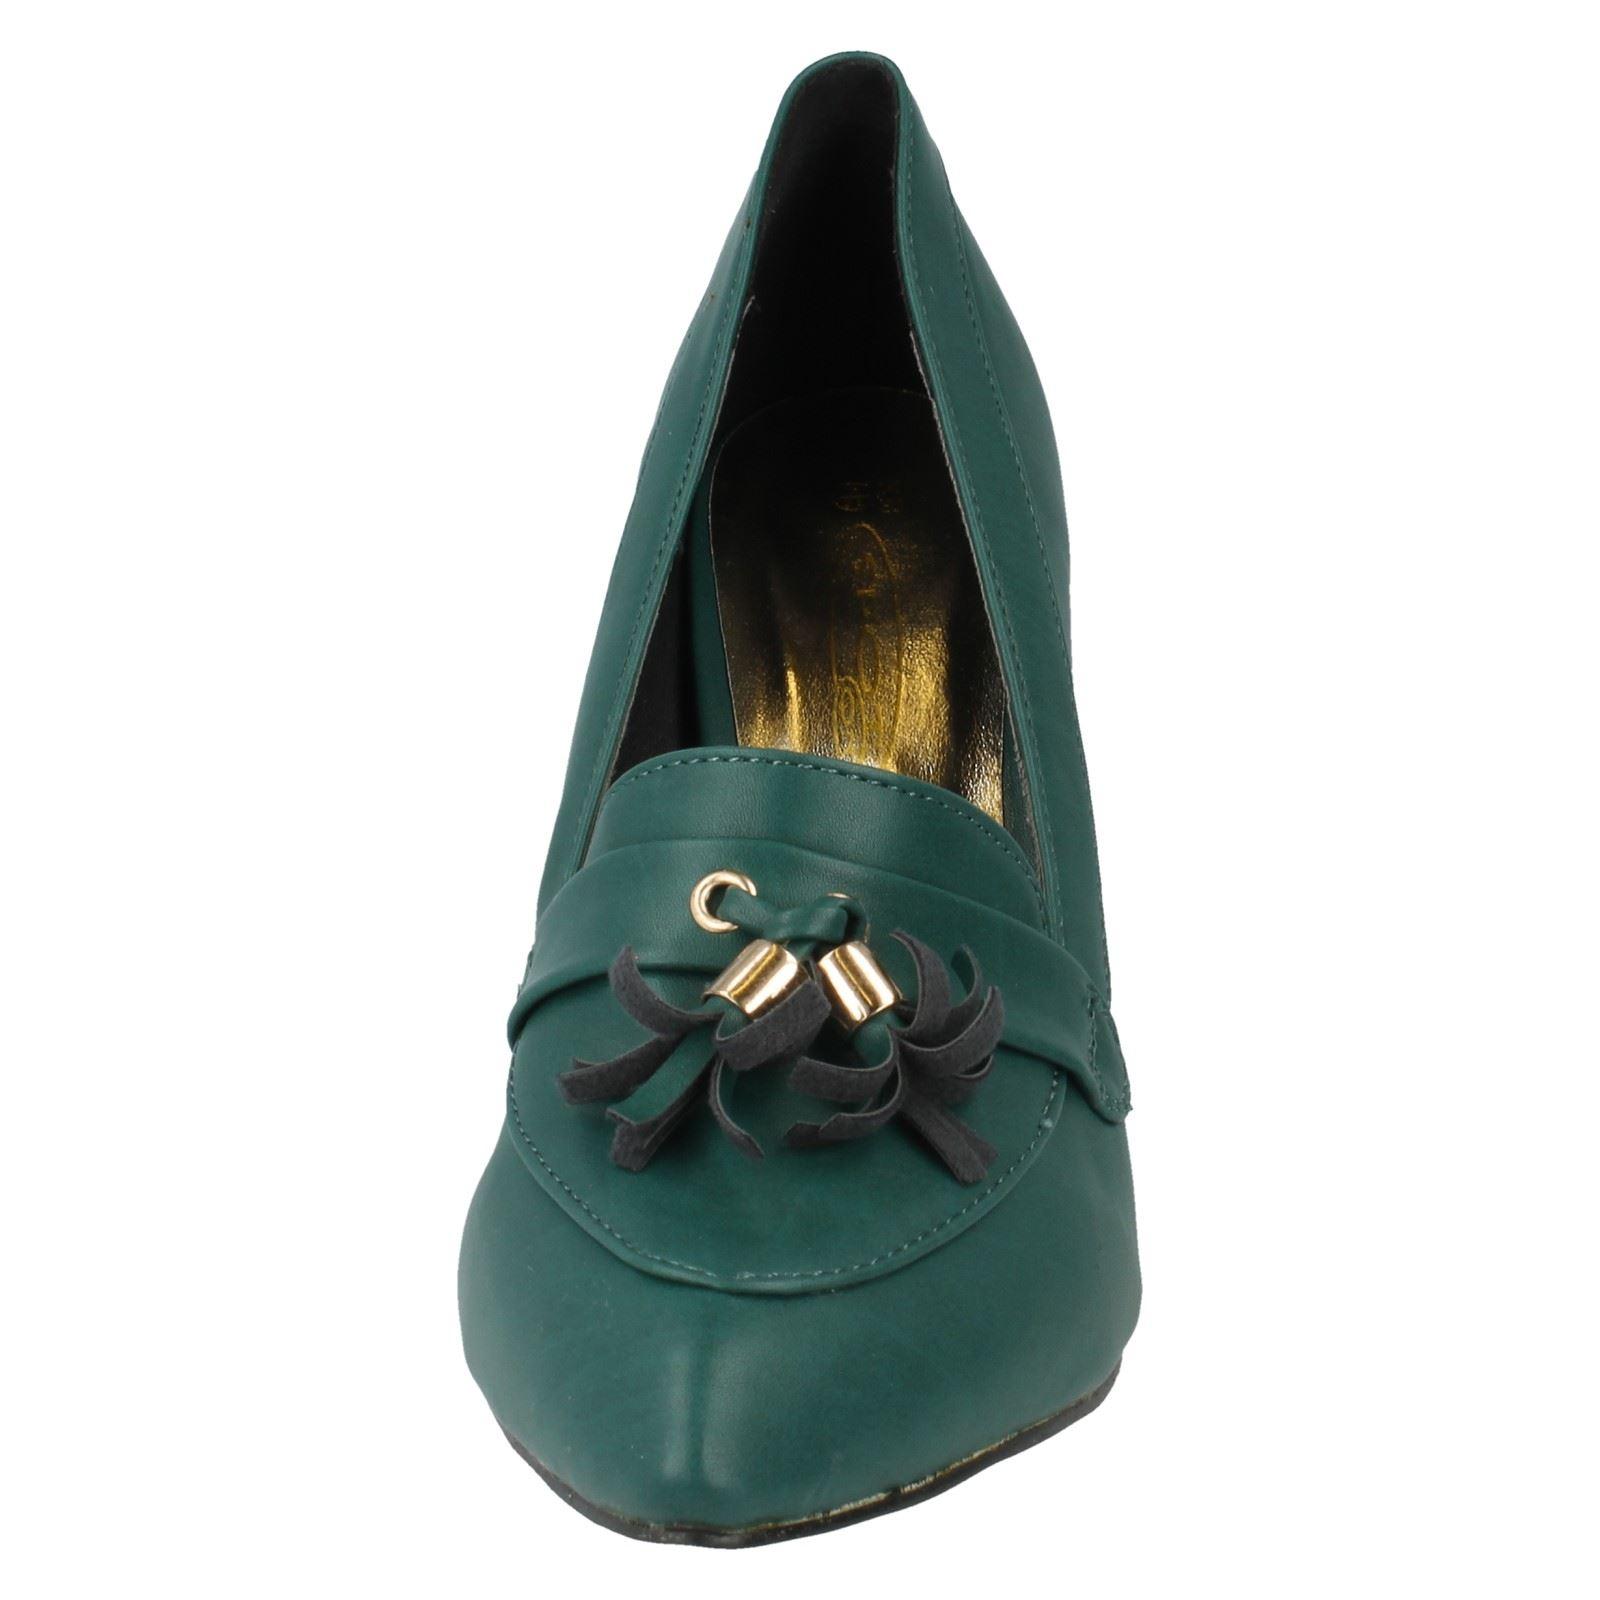 Señoras de punto en Zapatos Tenis Etiqueta f9614